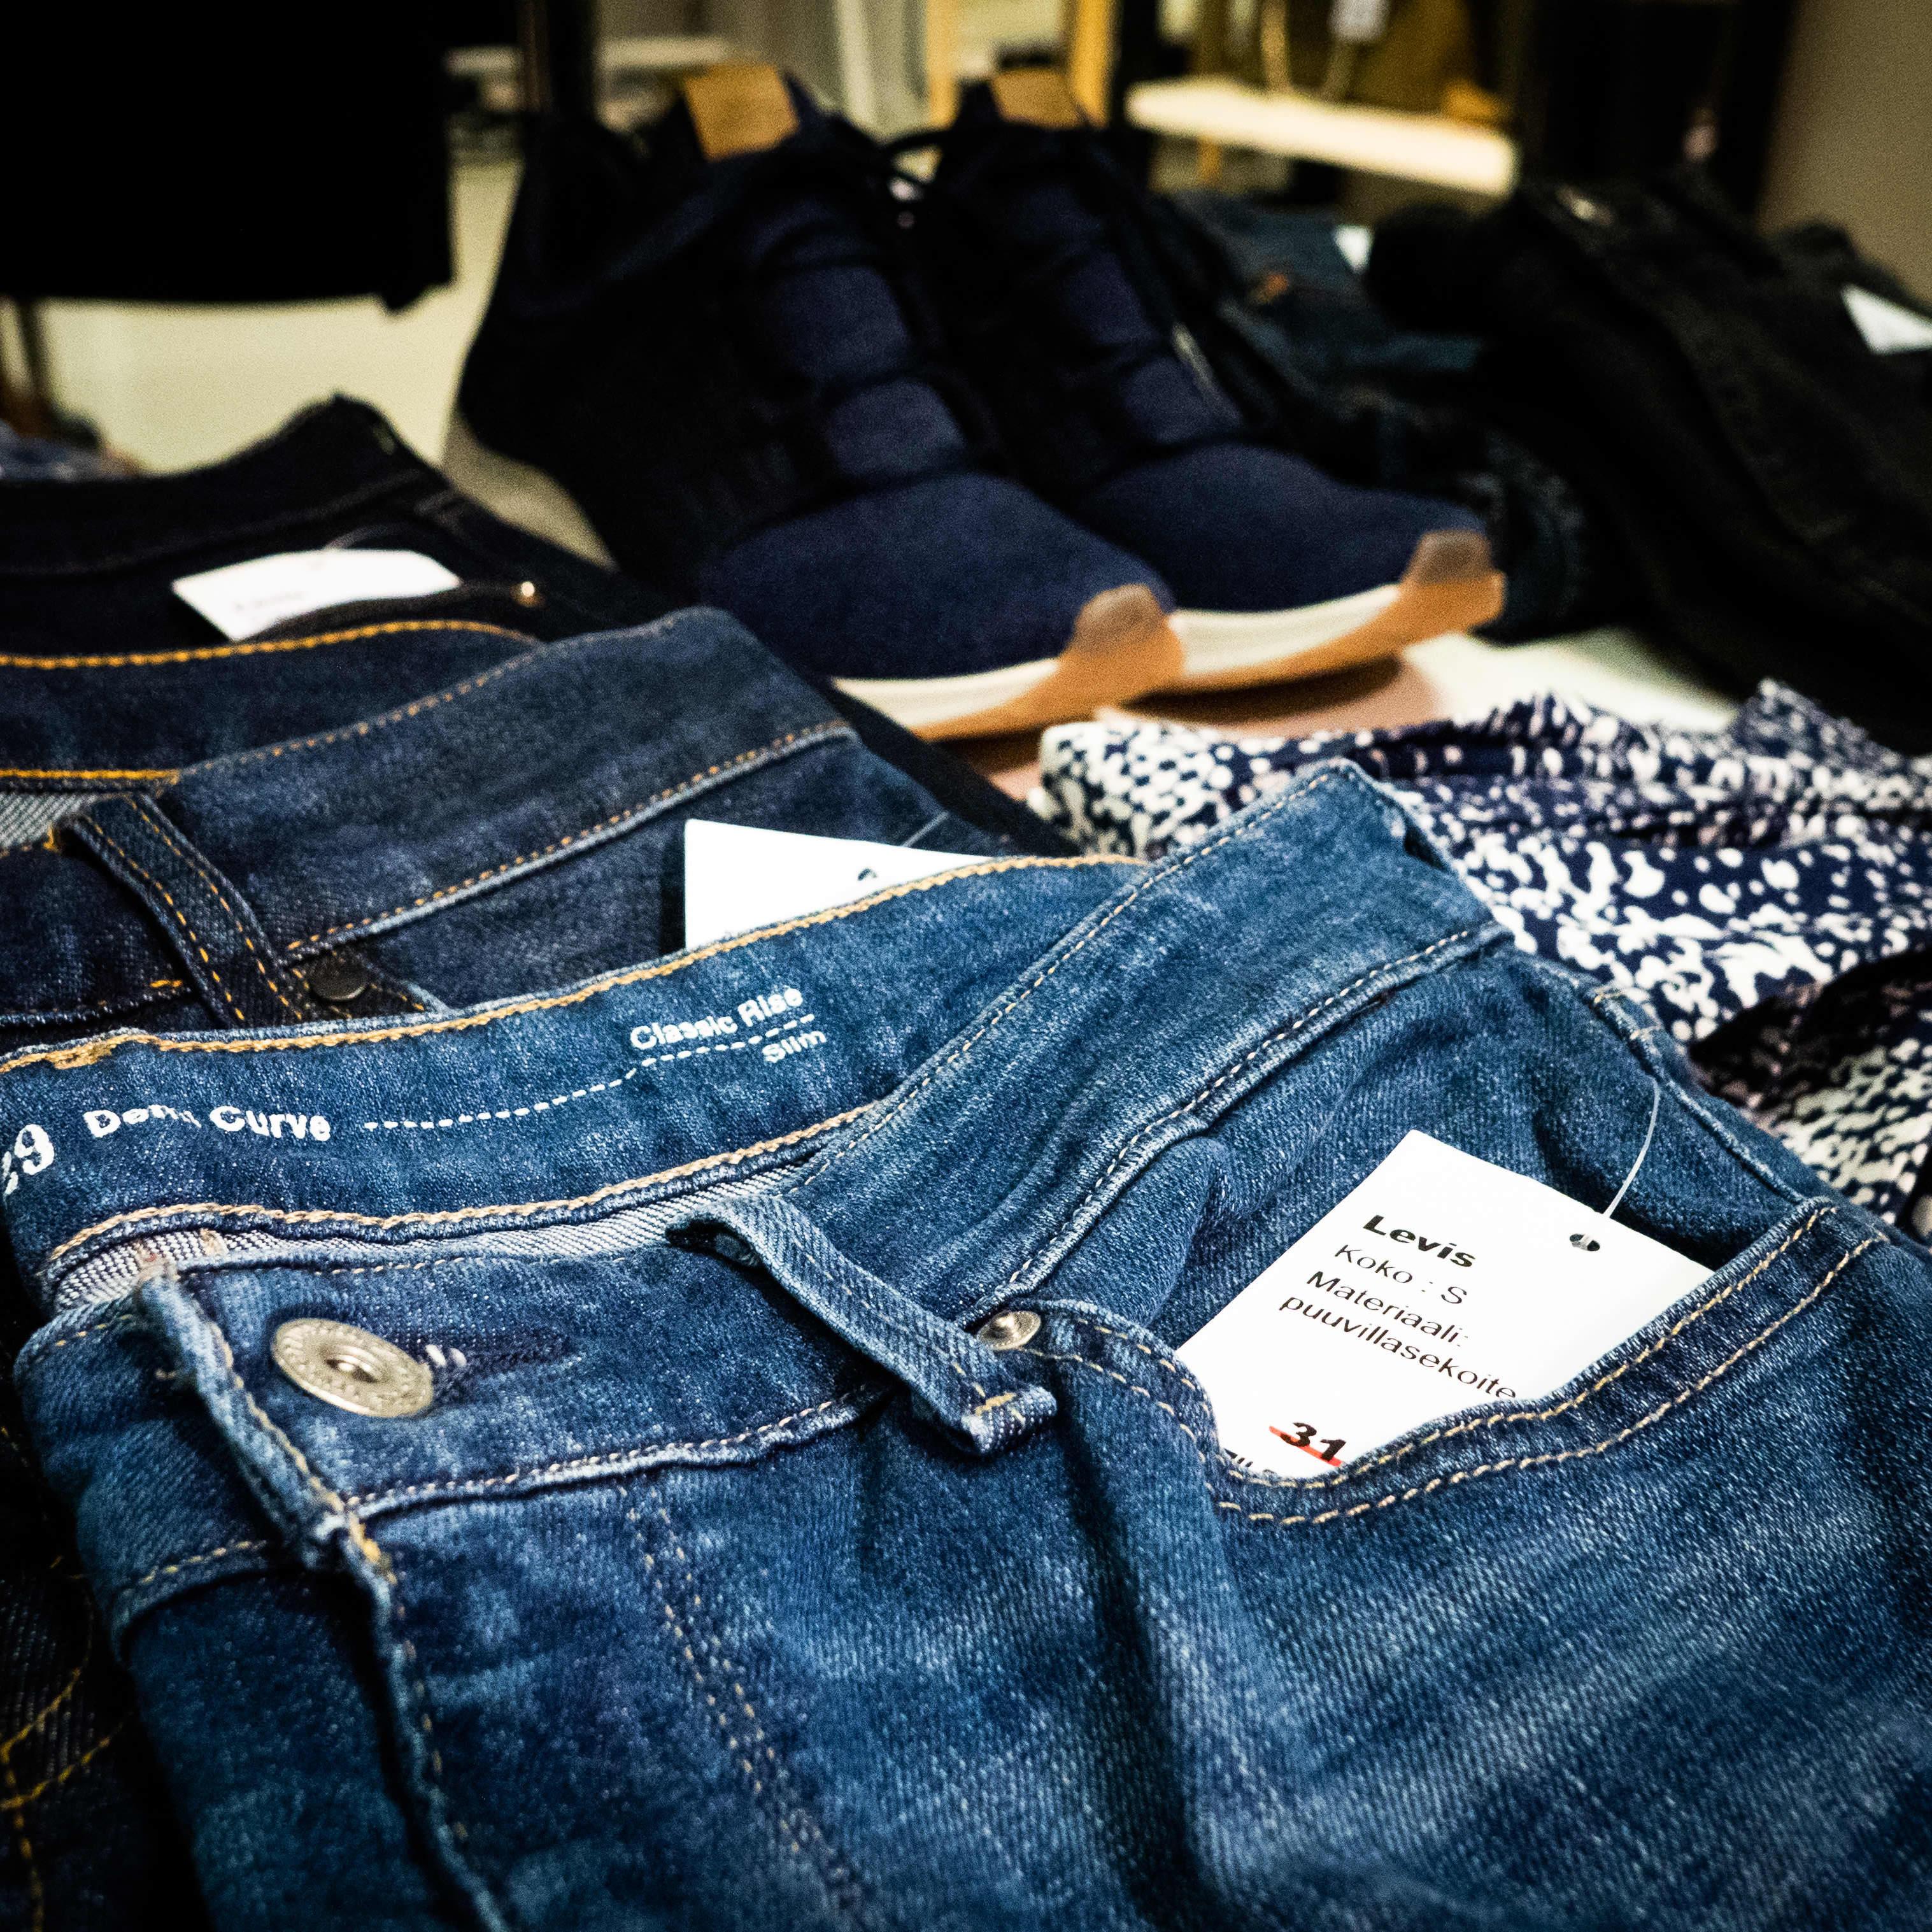 Kierrätettyjä Levis farkkuja myynnissä liikkeessä.